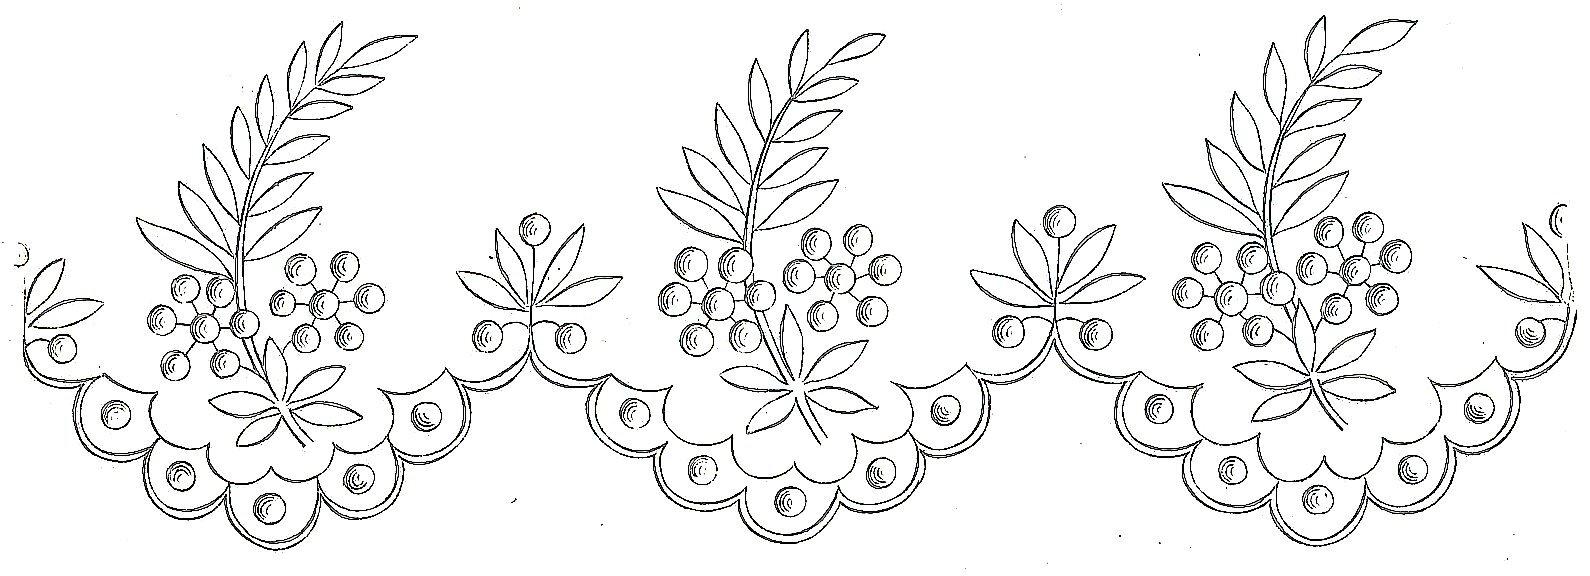 Image83 (1)